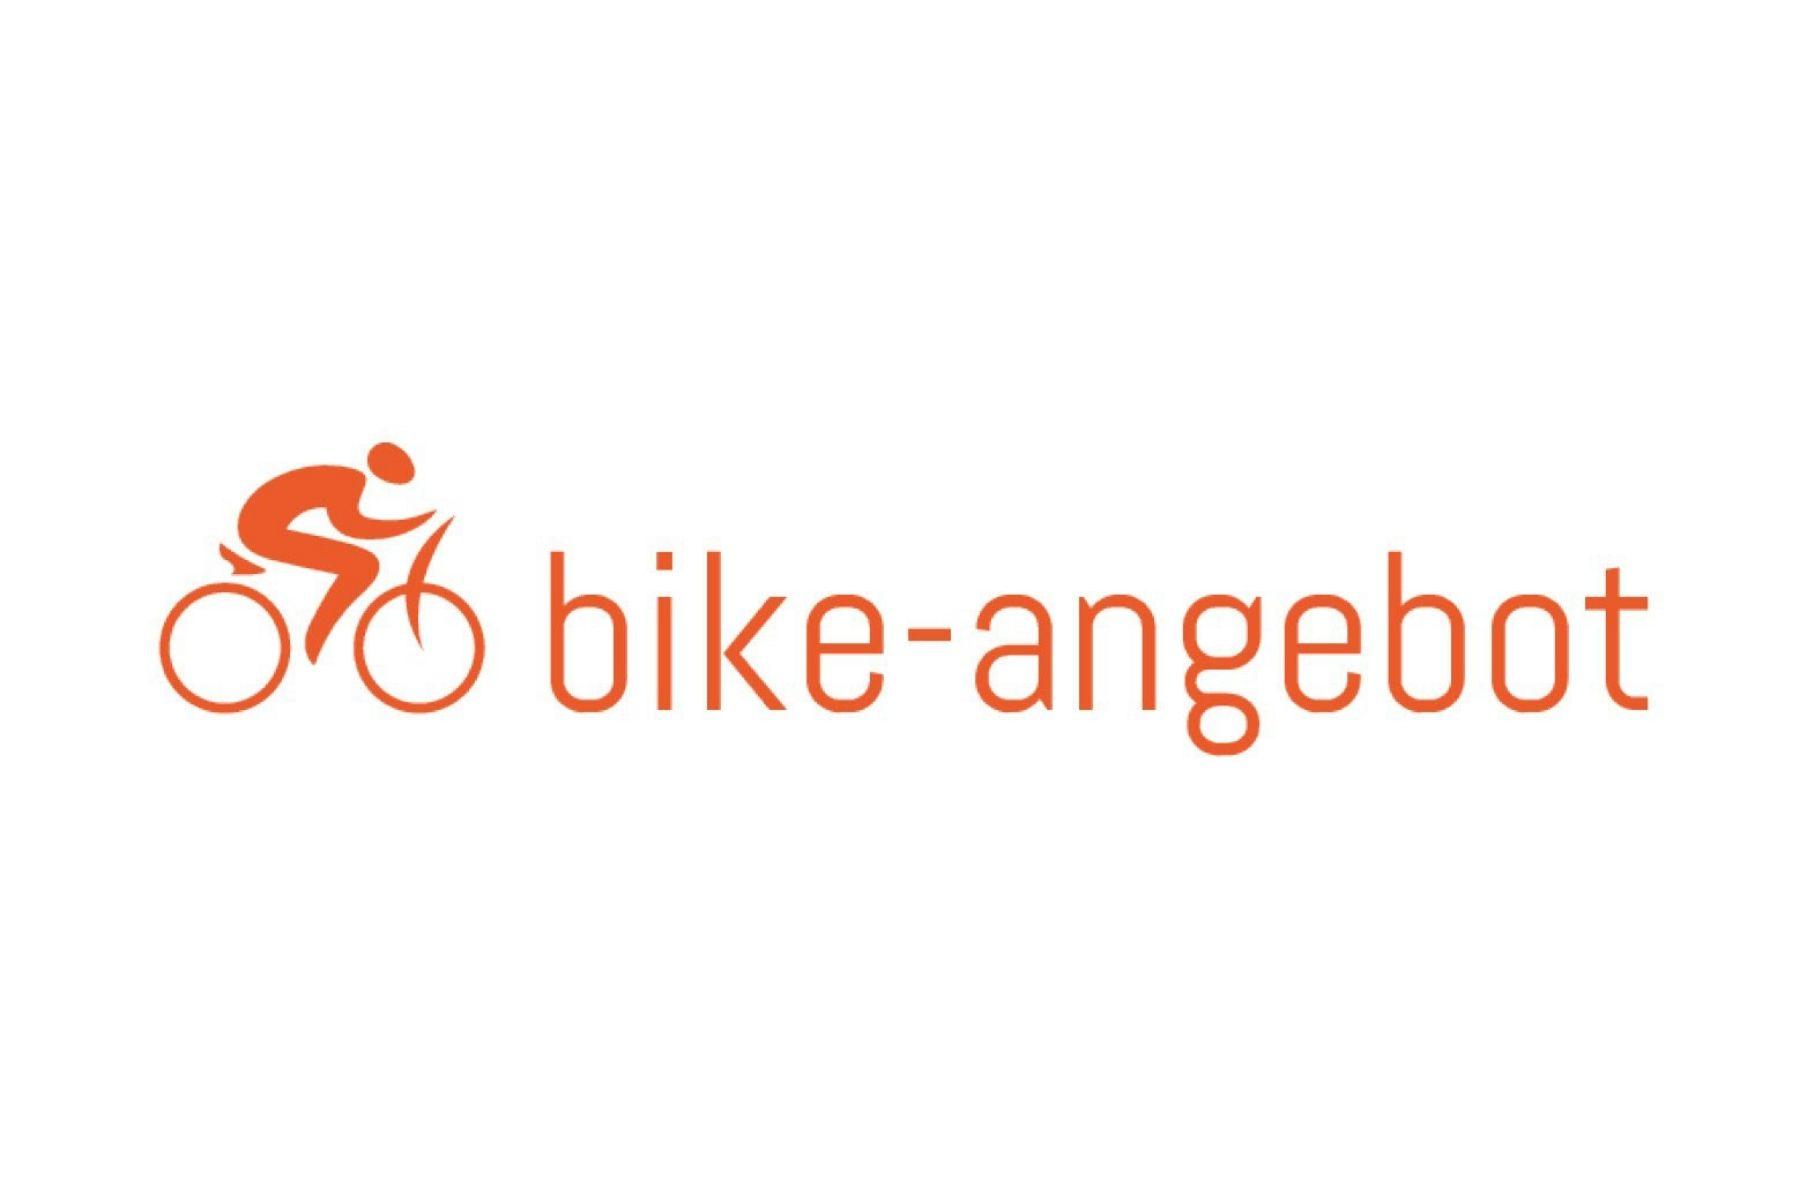 Bike-angebot unterstützt Händler im Lockdown und senkt Verkaufsprovisionen